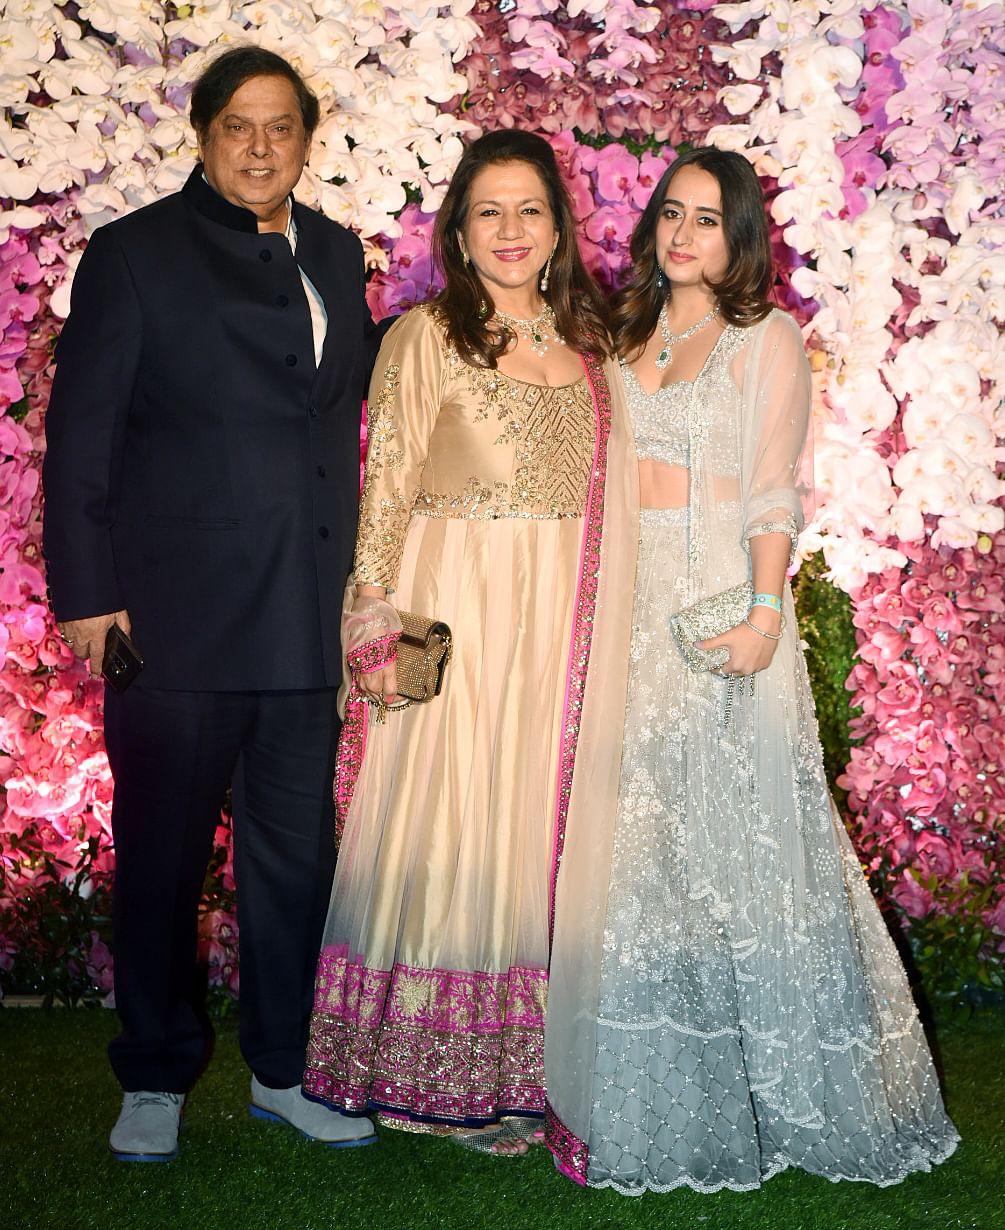 David Dhawan arrives with Karuna Dhawan and Natasha Dalal.